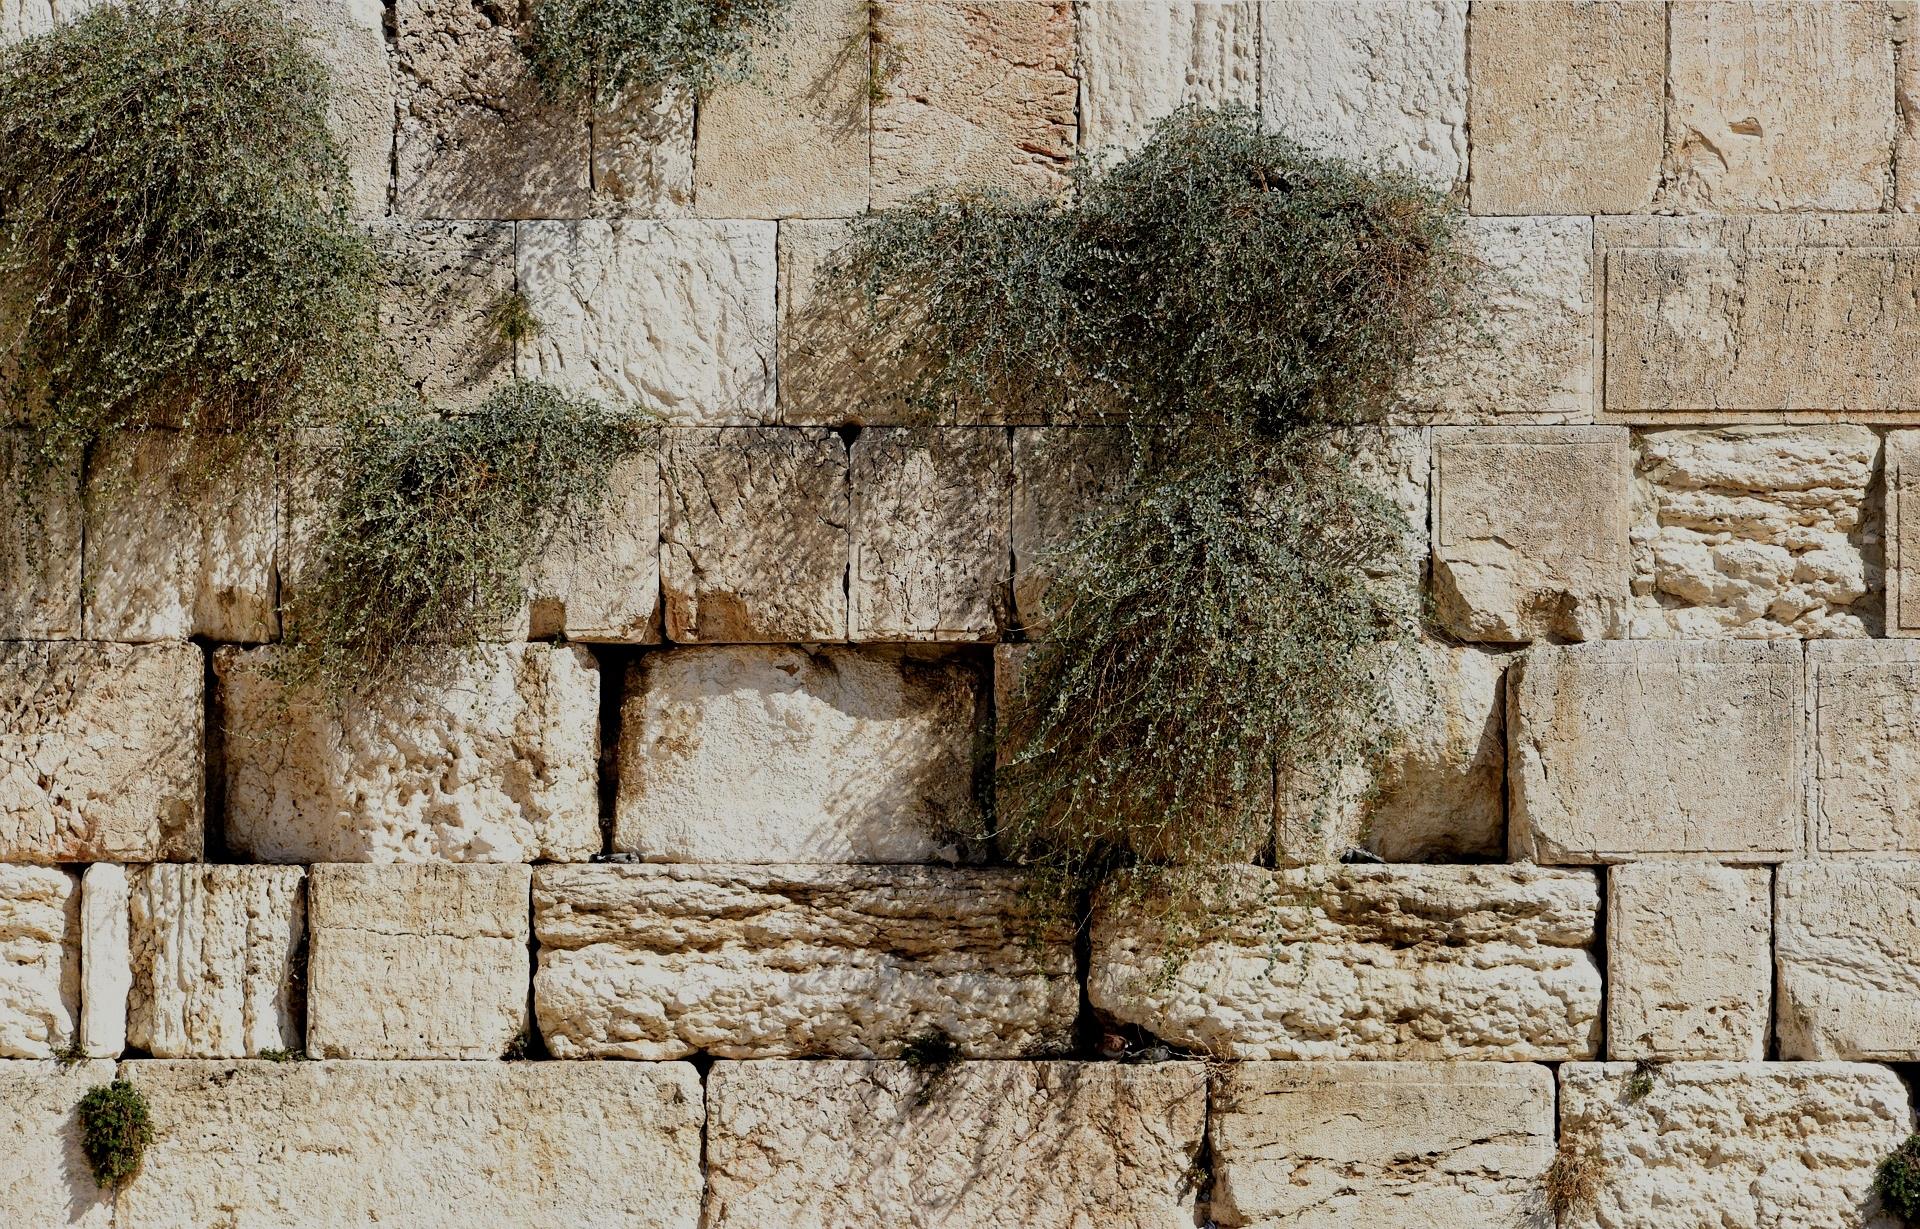 Lamentations - Bible Studies, Messages, Papers